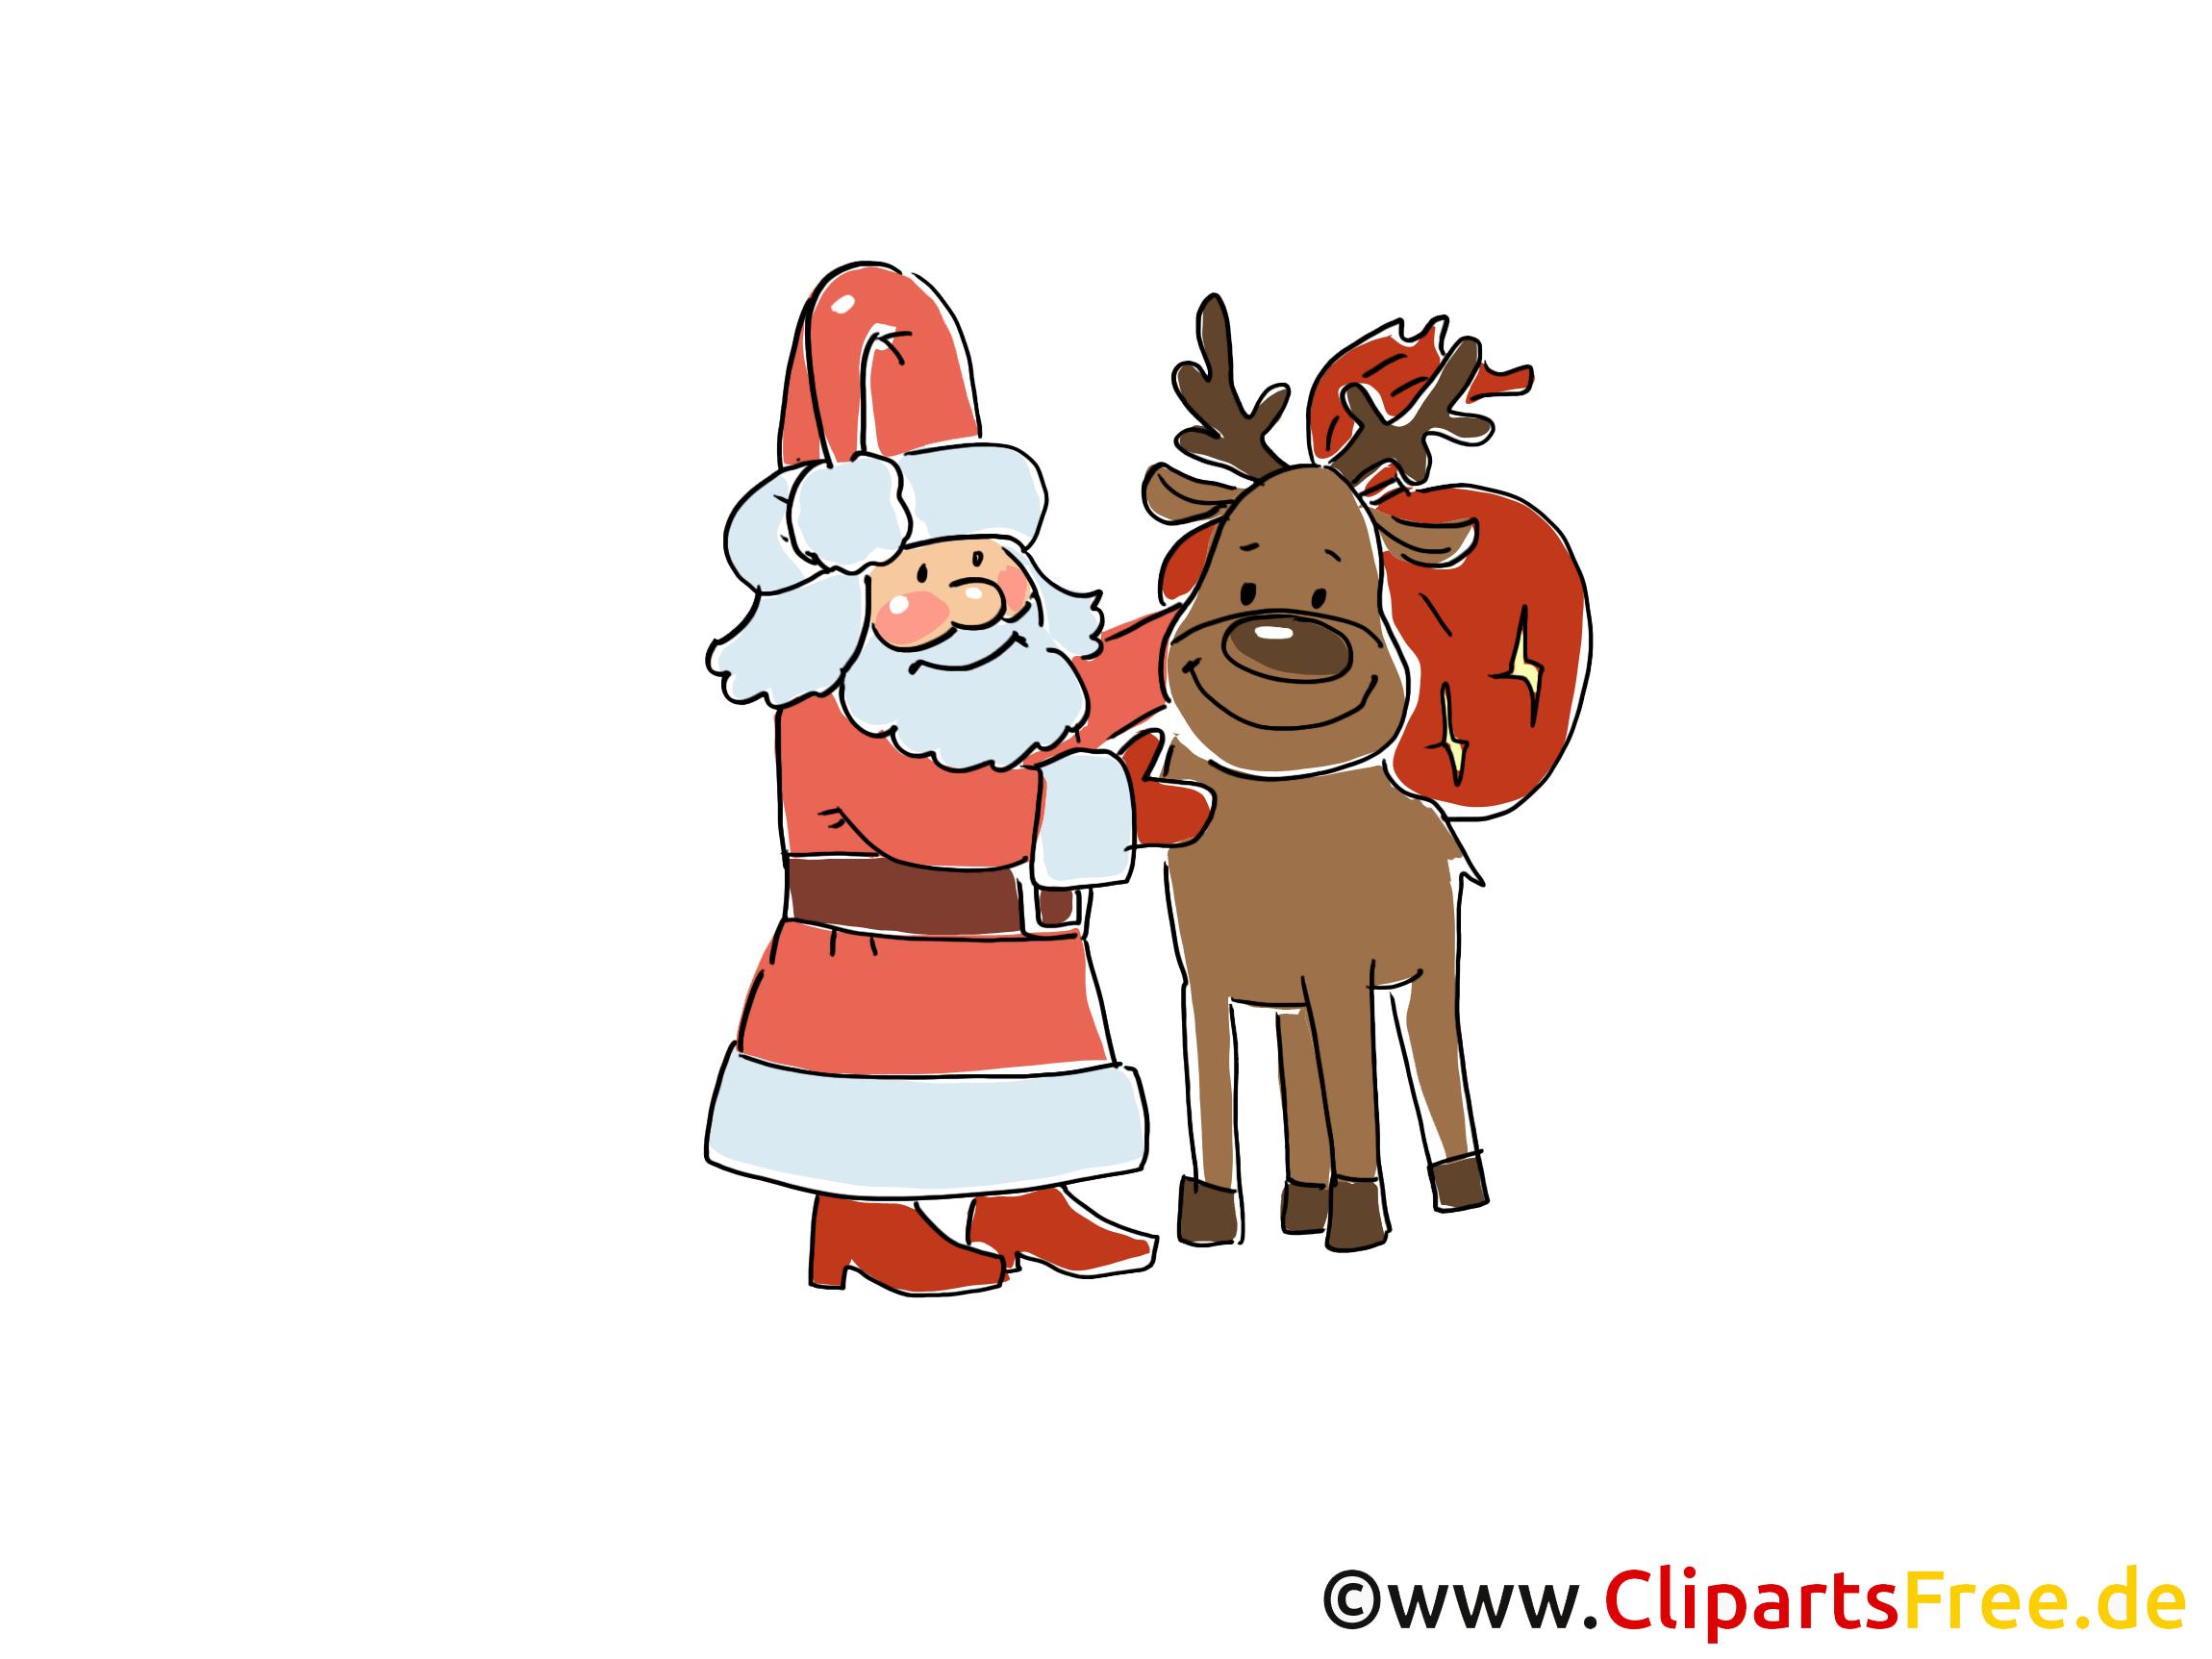 Weihnachtsbilder kostenlos runterladen